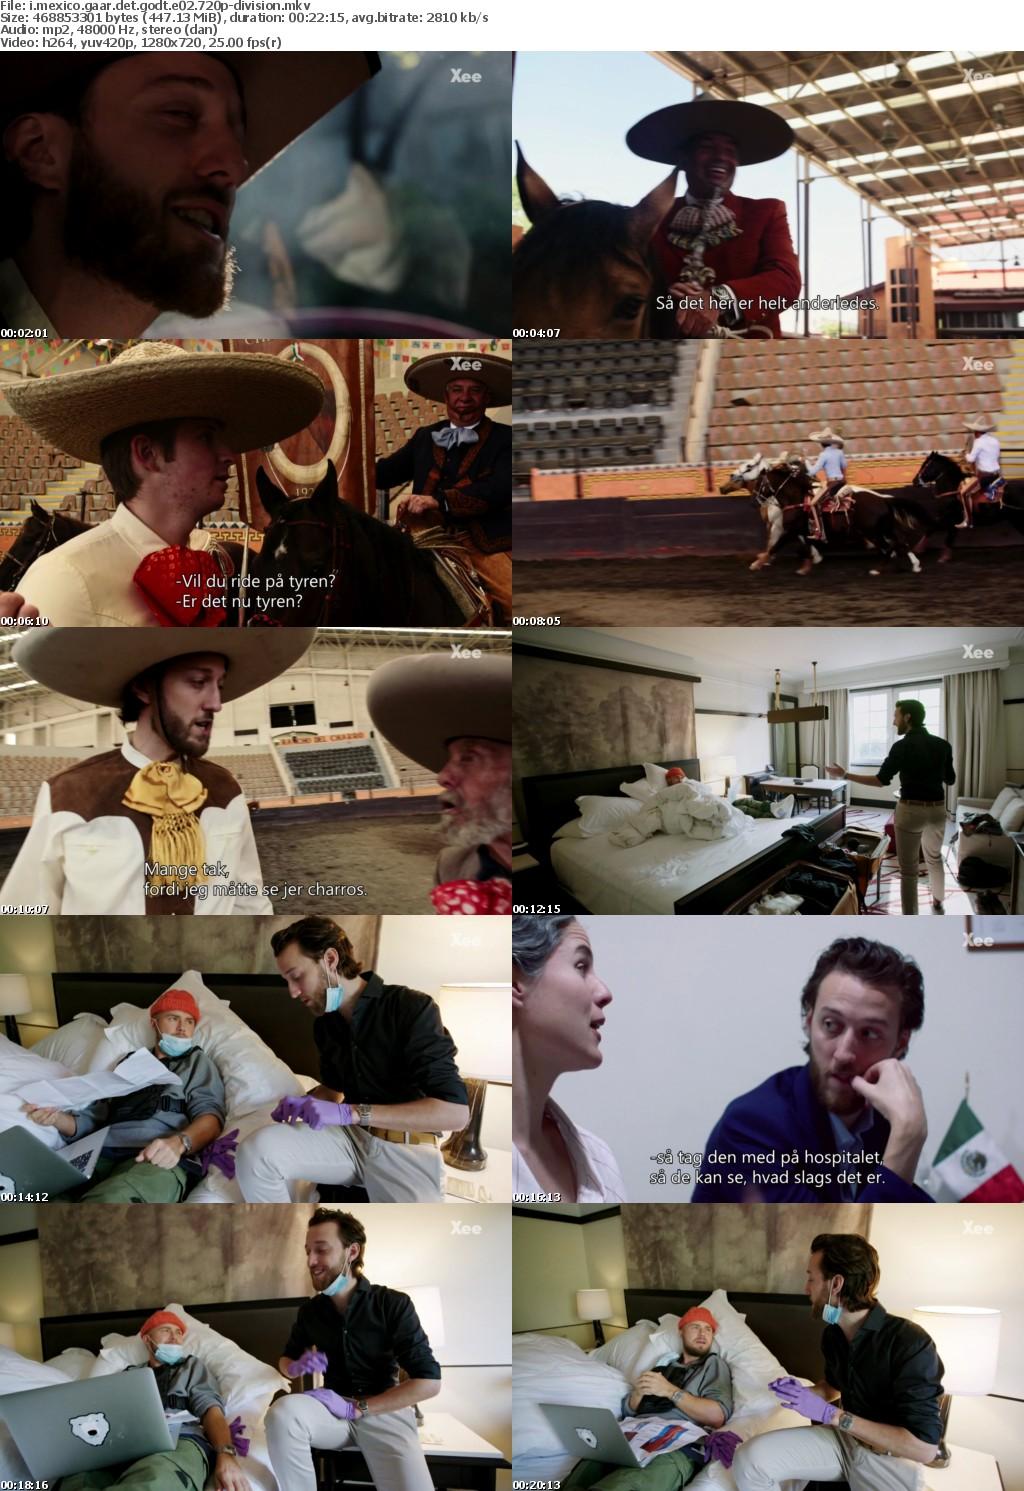 I Mexico Gaar Det Godt E02 DANiSH 720p HDTV x264-DiViSiON